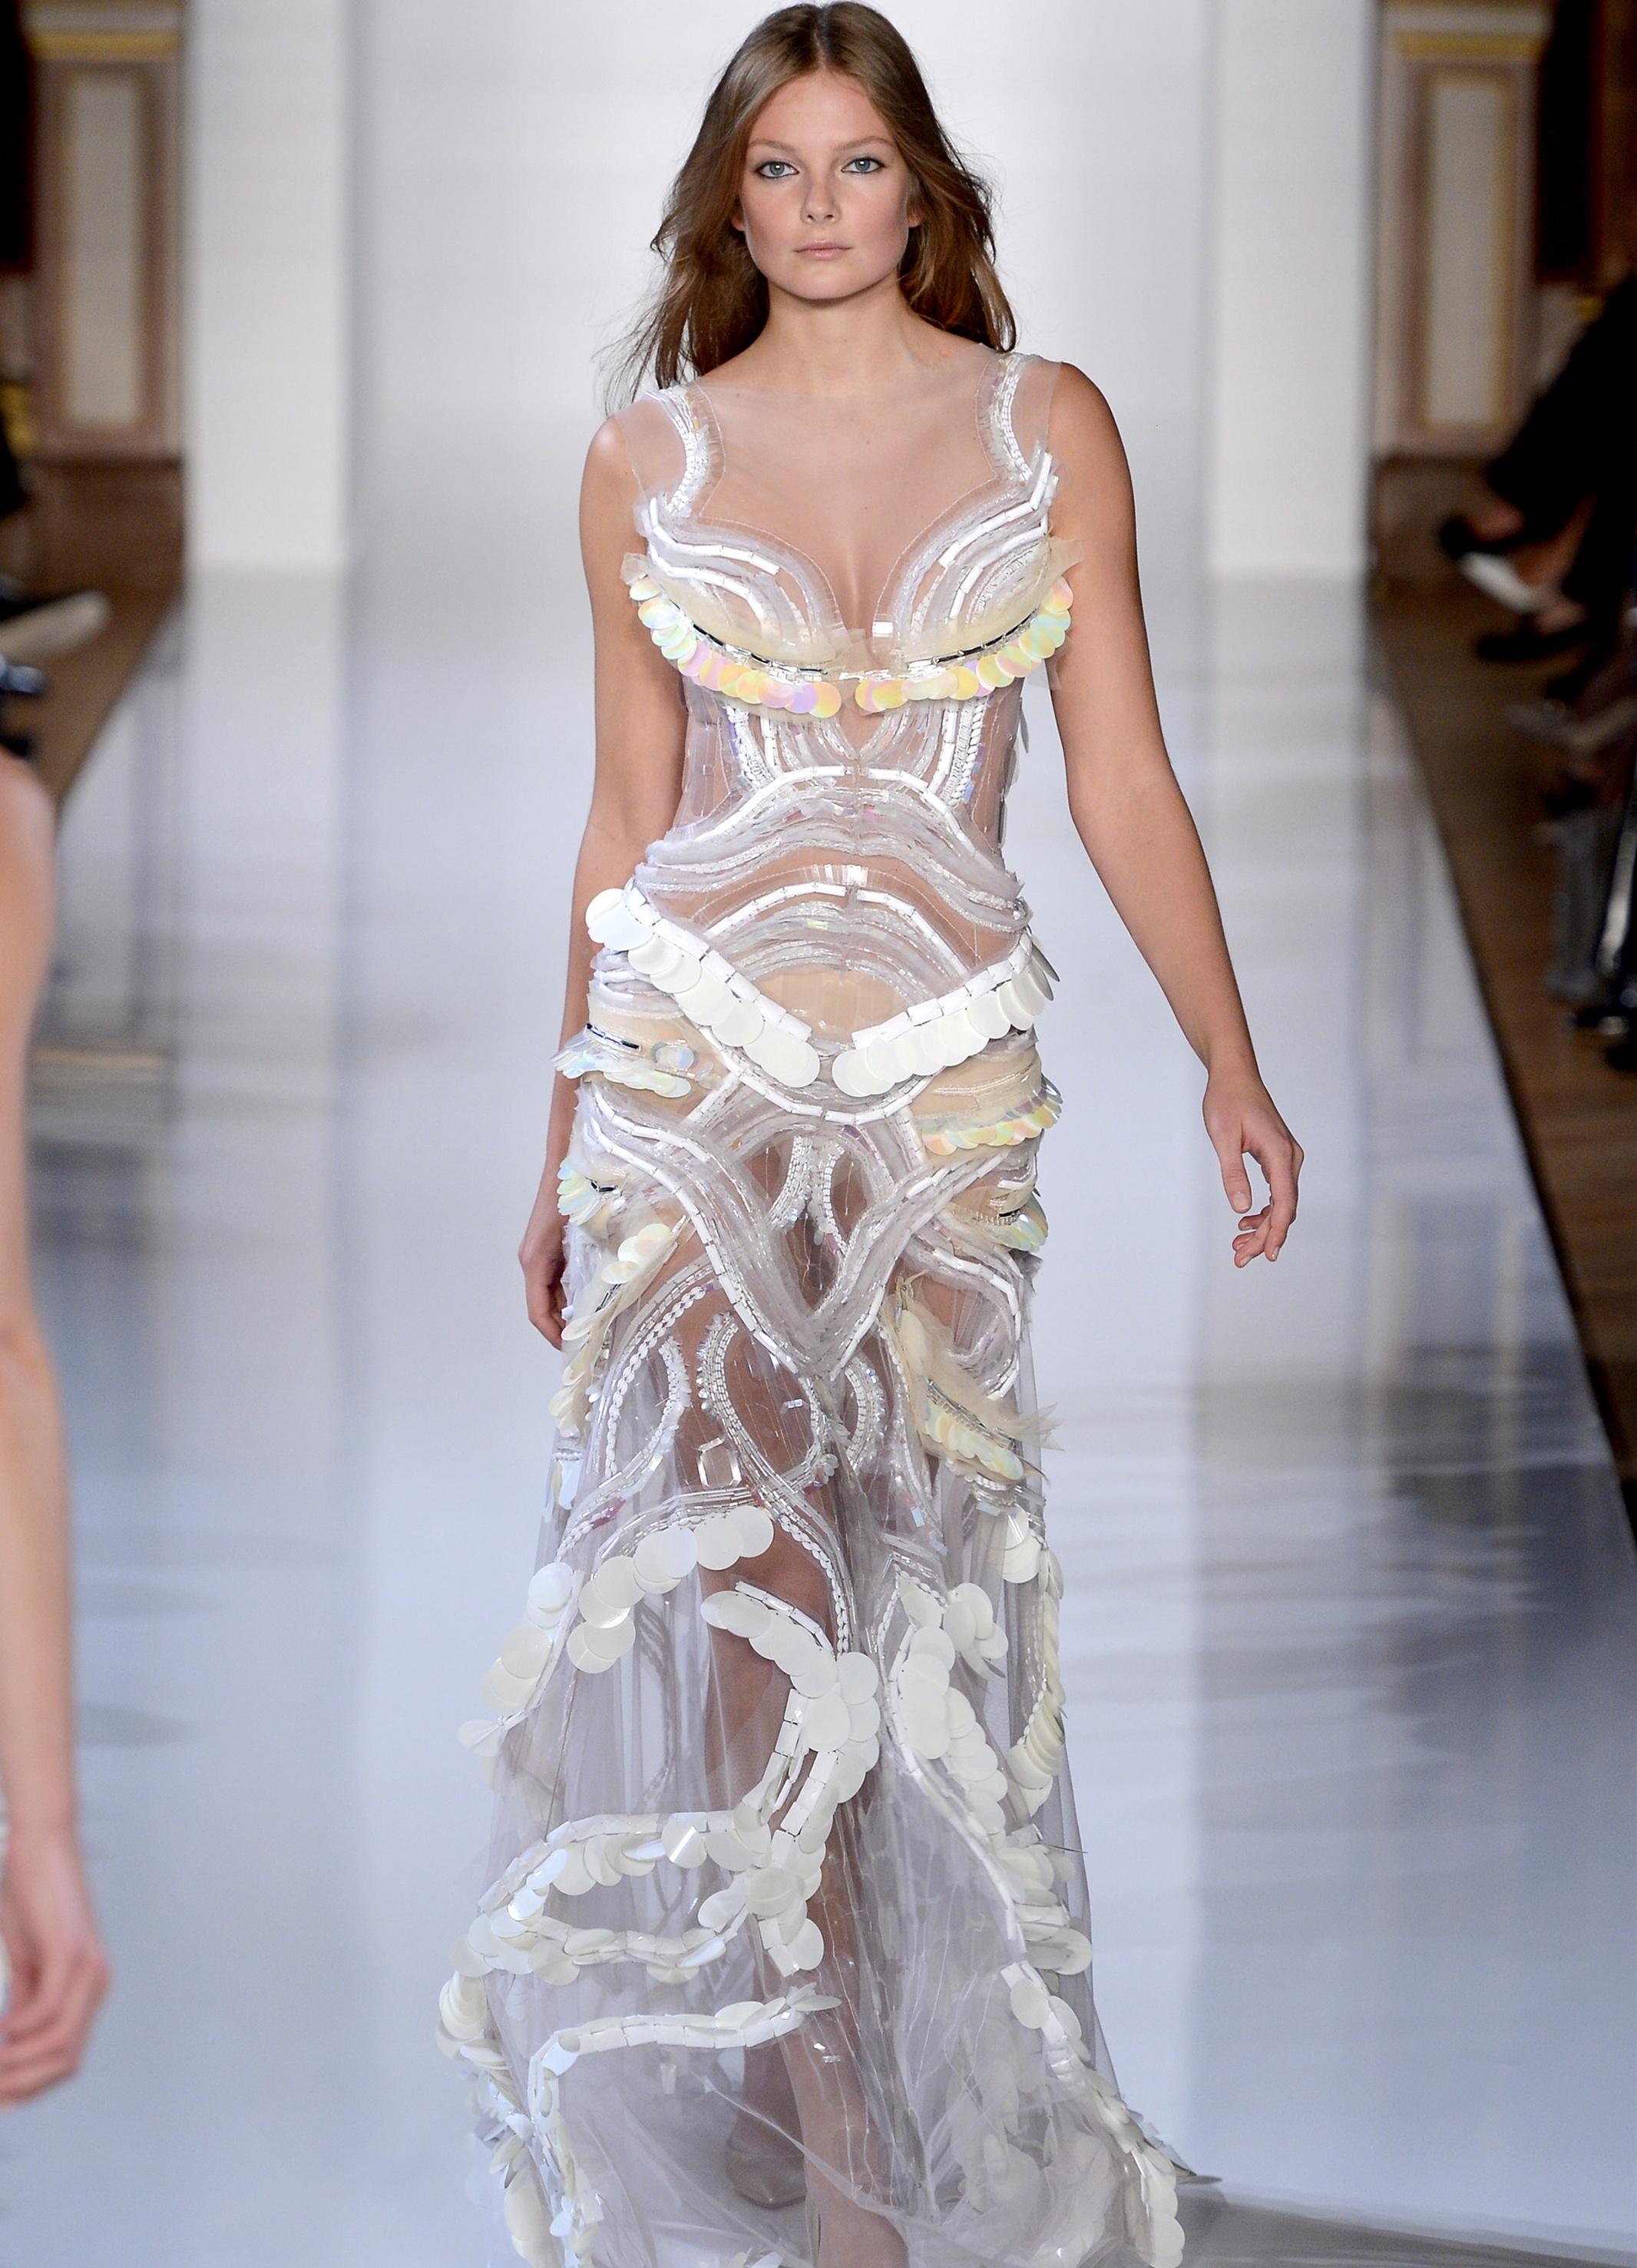 b379a94ad5f6231 Вечерние платья от Юдашкина 2013